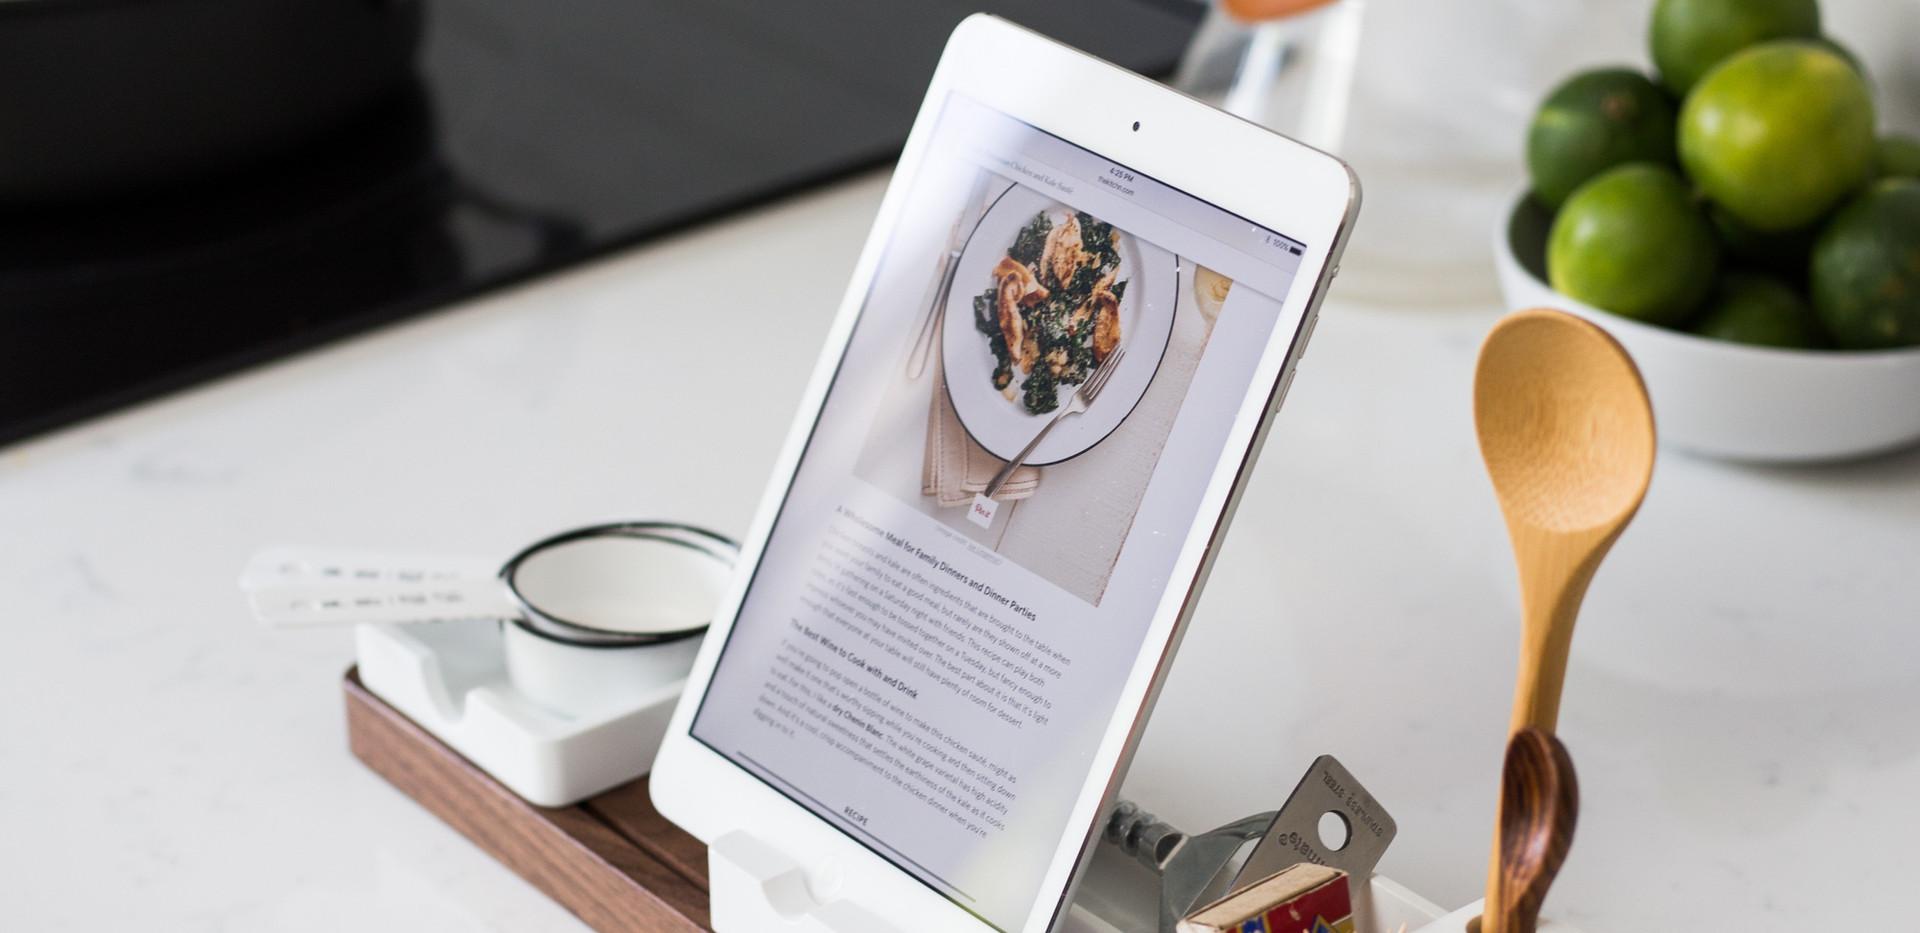 Kochen in neuer Küche